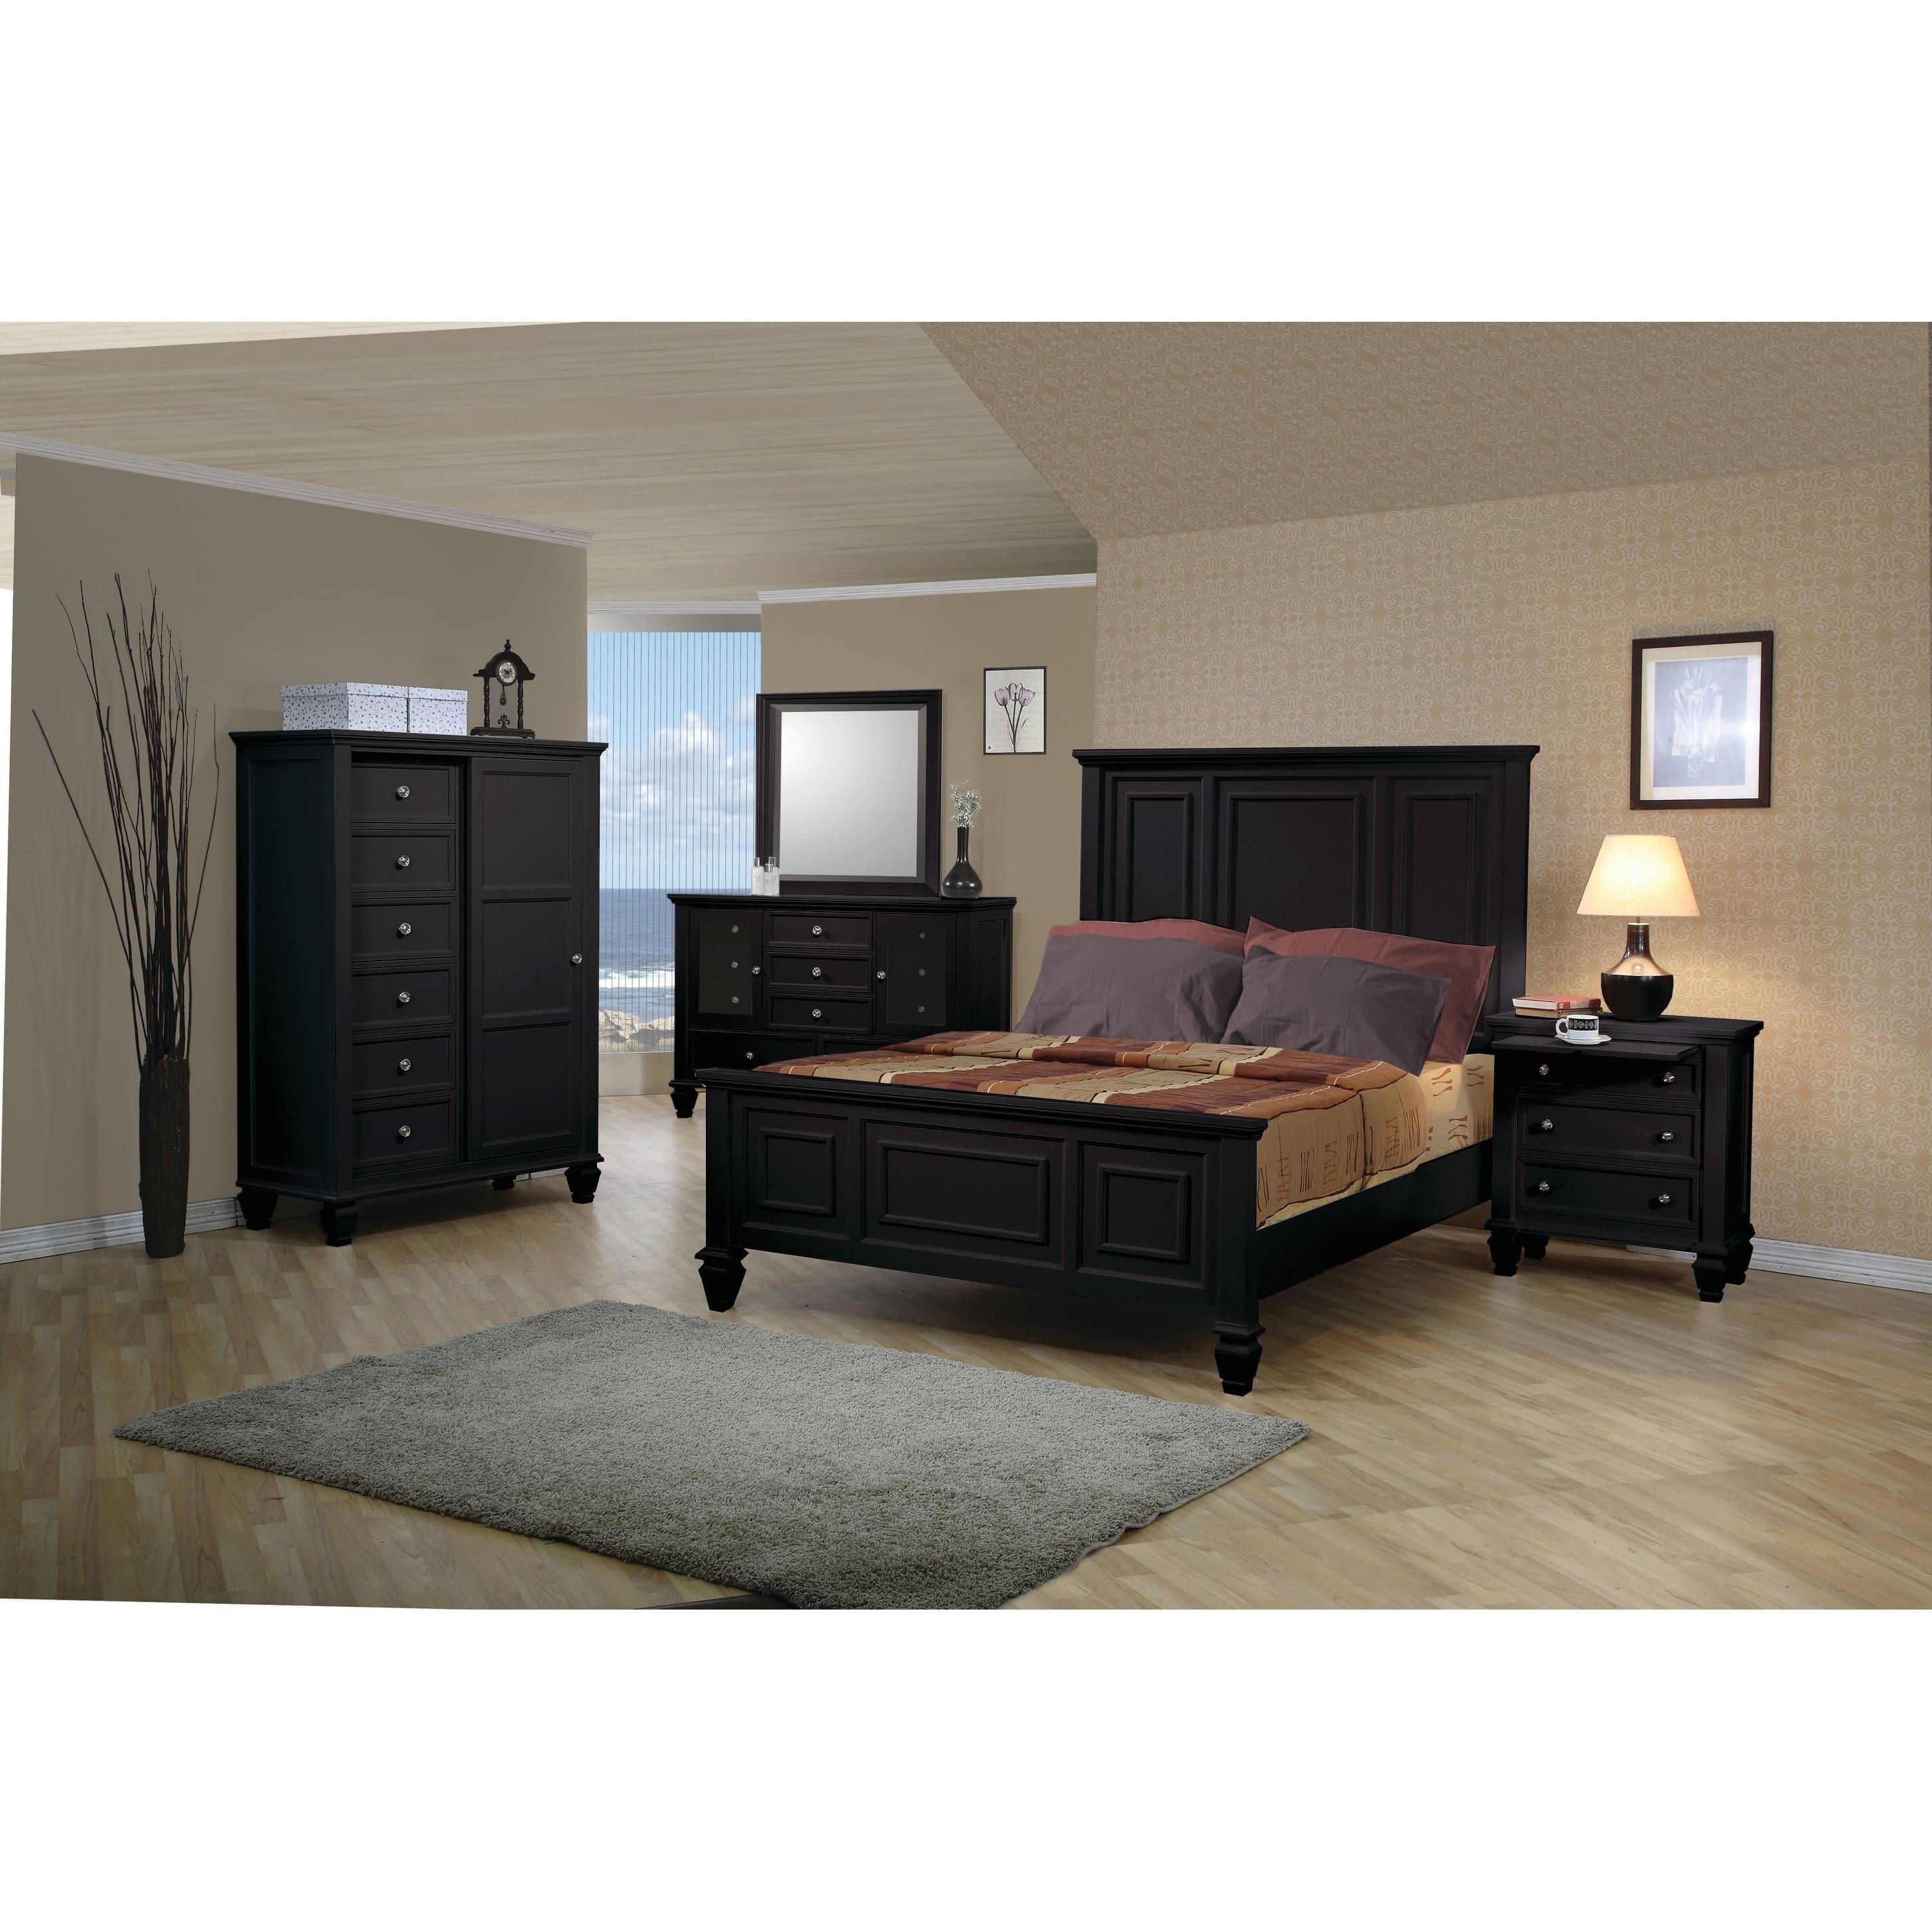 Bedroom Set Online: Buy Bedroom Sets Online At Overstock